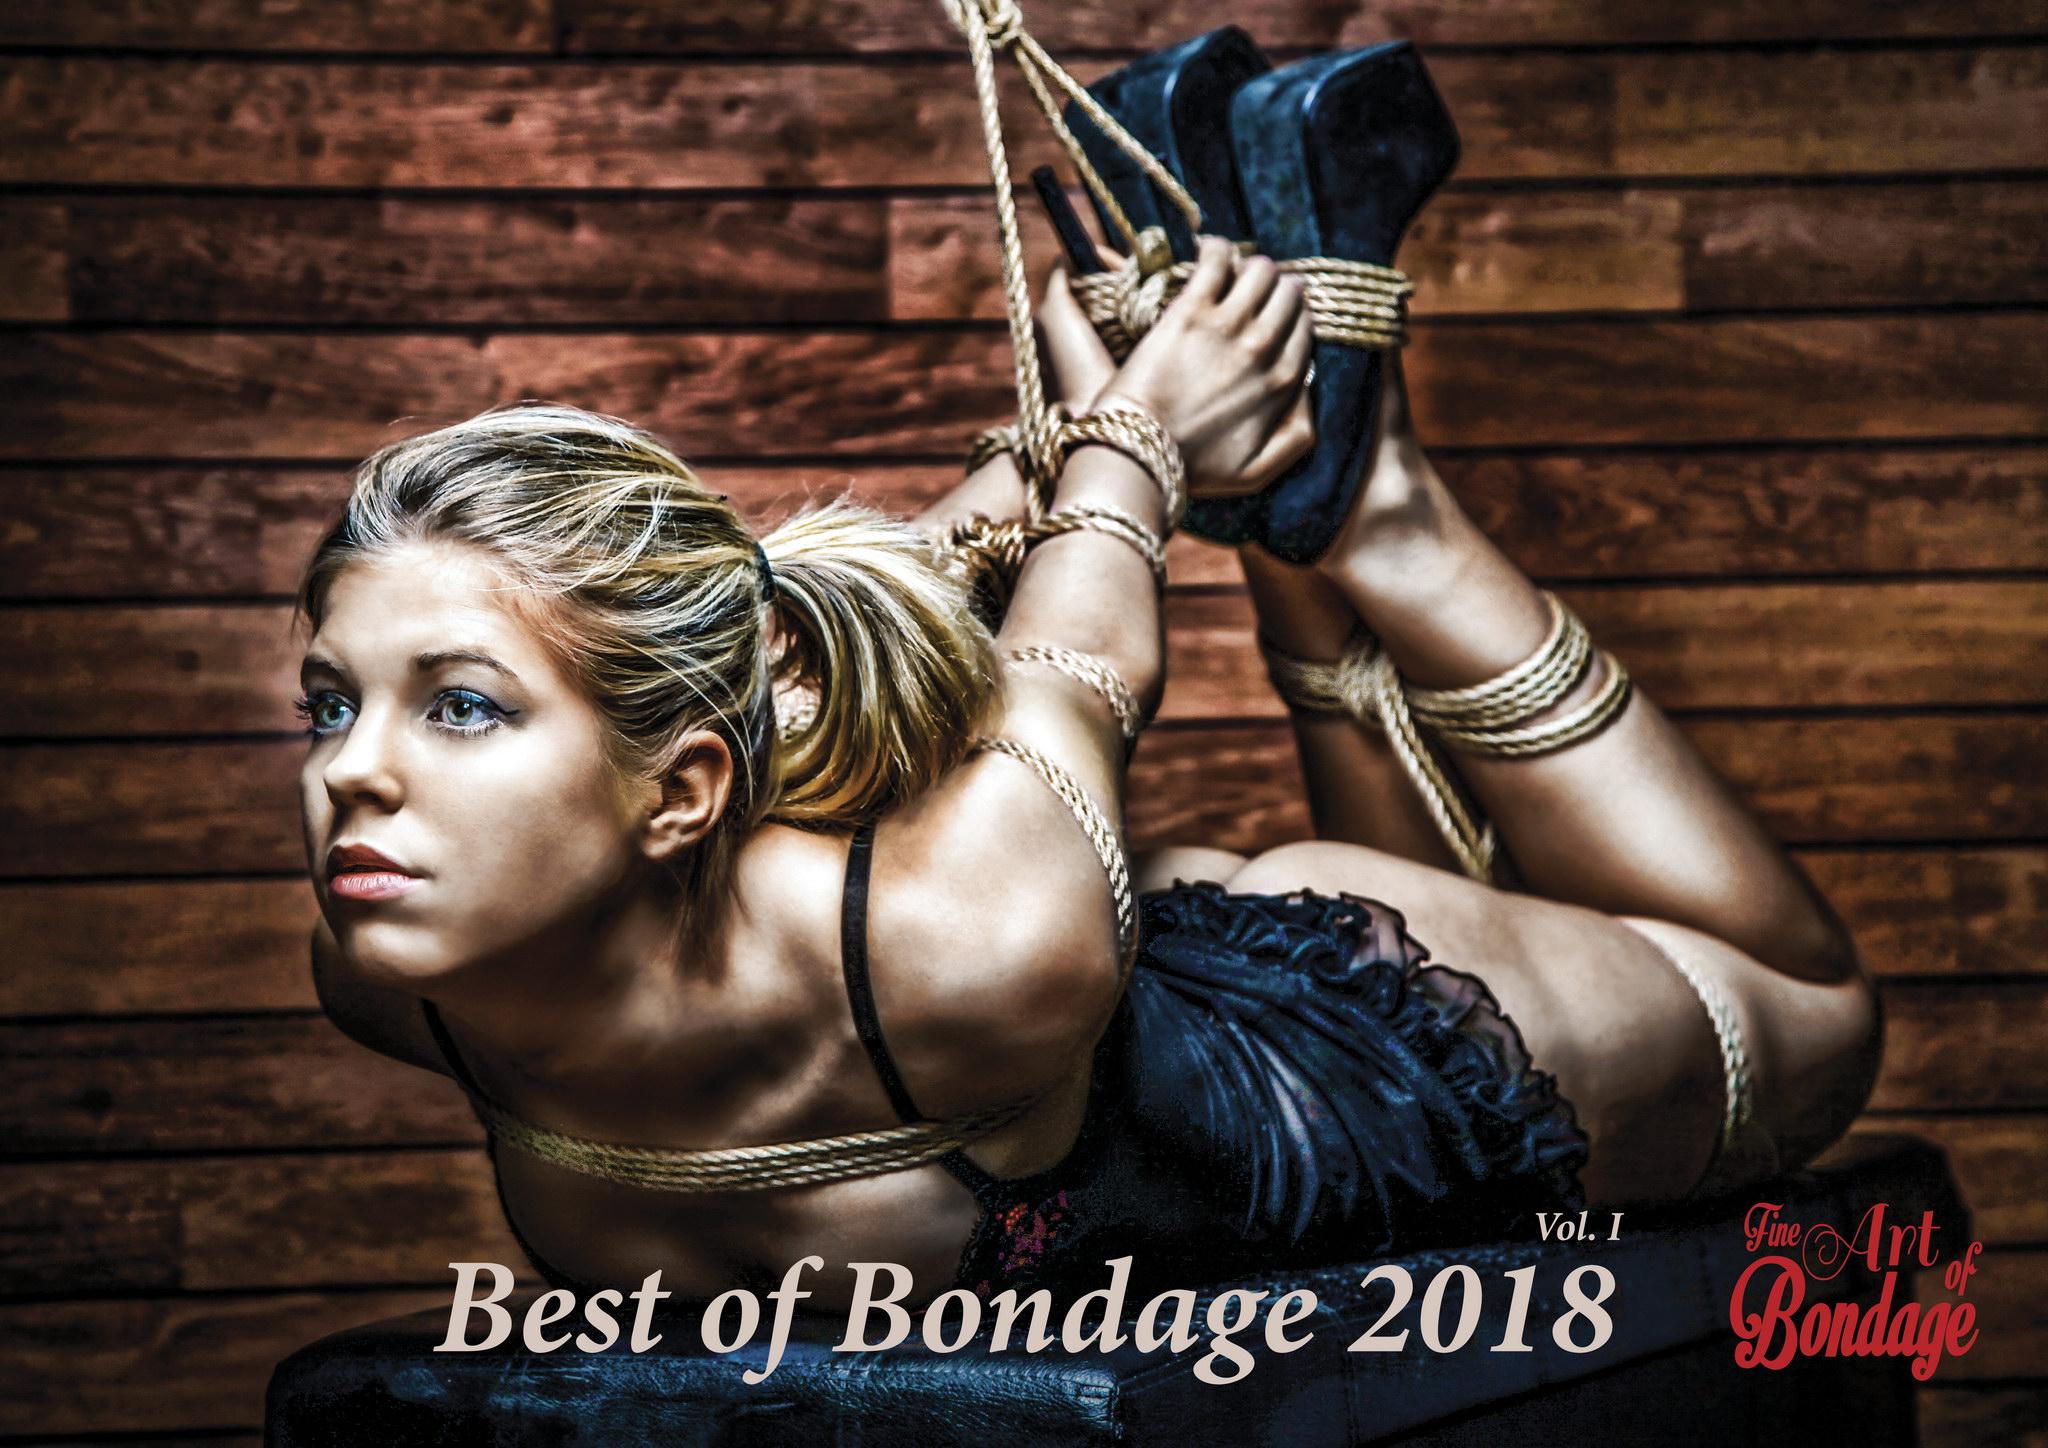 Best Of Bondage 2018  Fine Art Of Bondage  Wall -7095